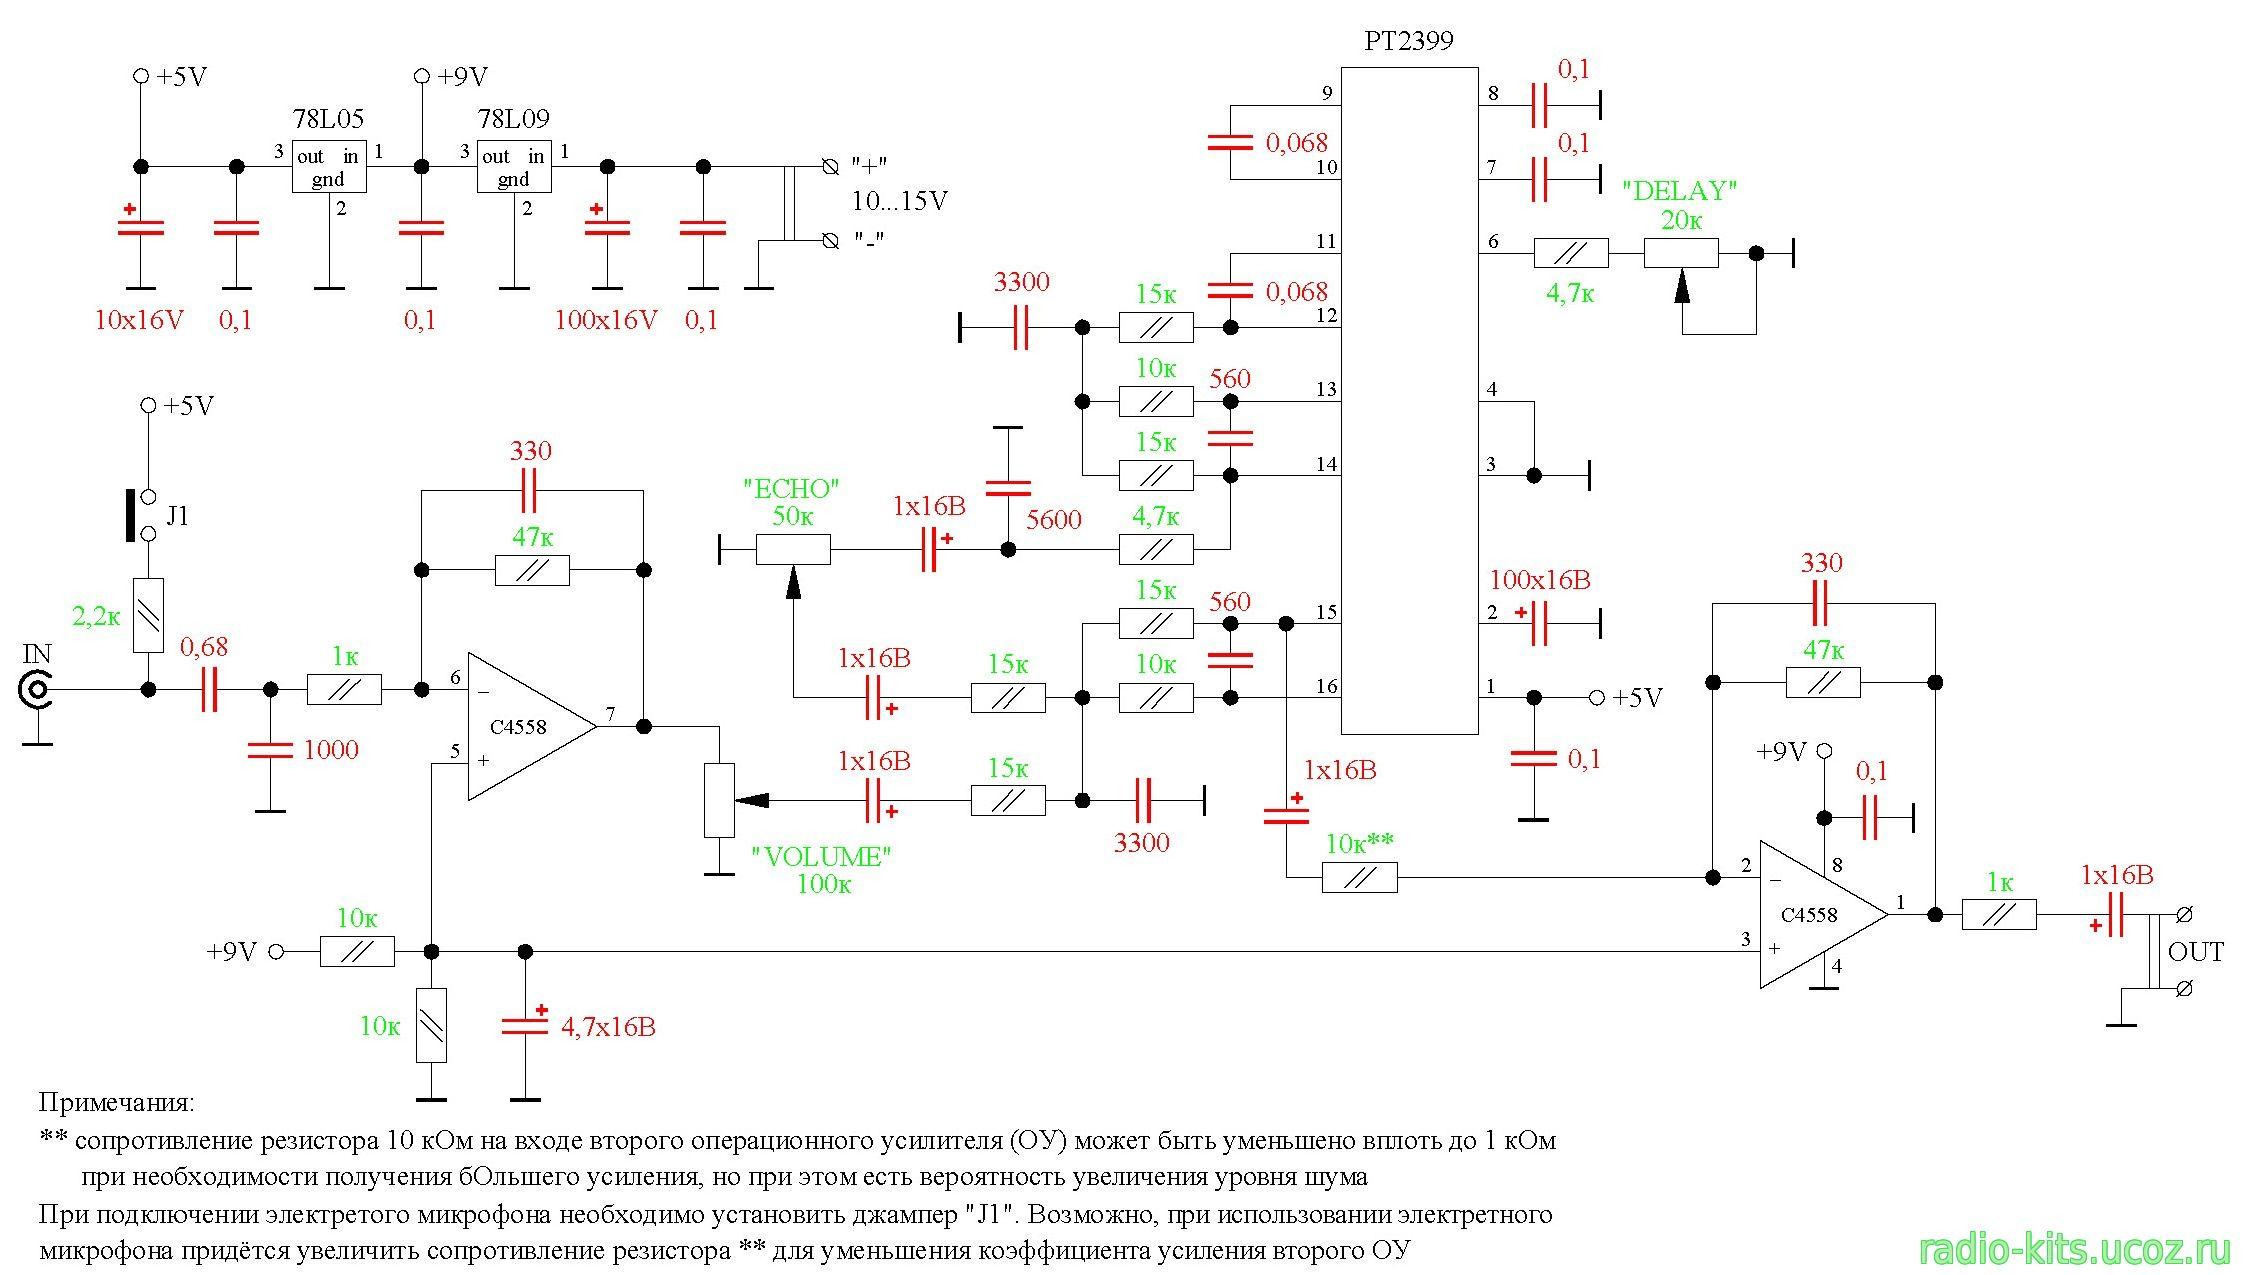 схема радиомикрофона от сети 220 в